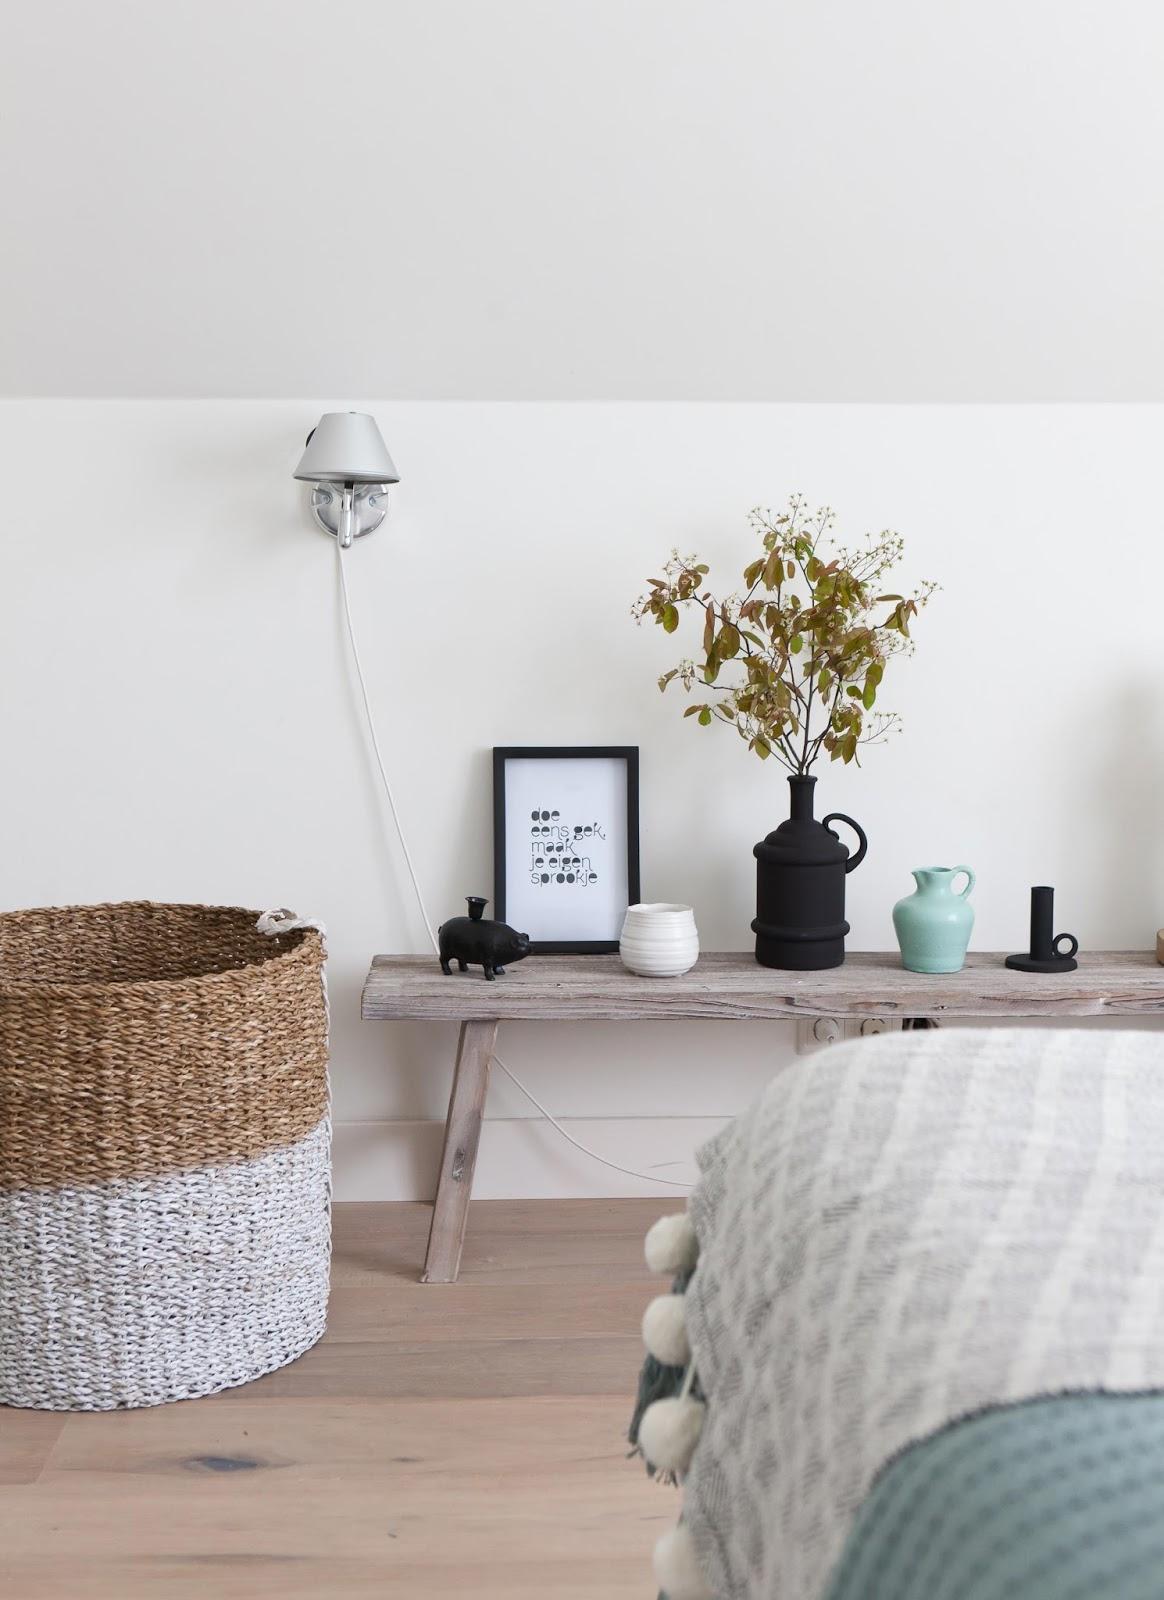 DIY  Une cloison dco pour tte de lit